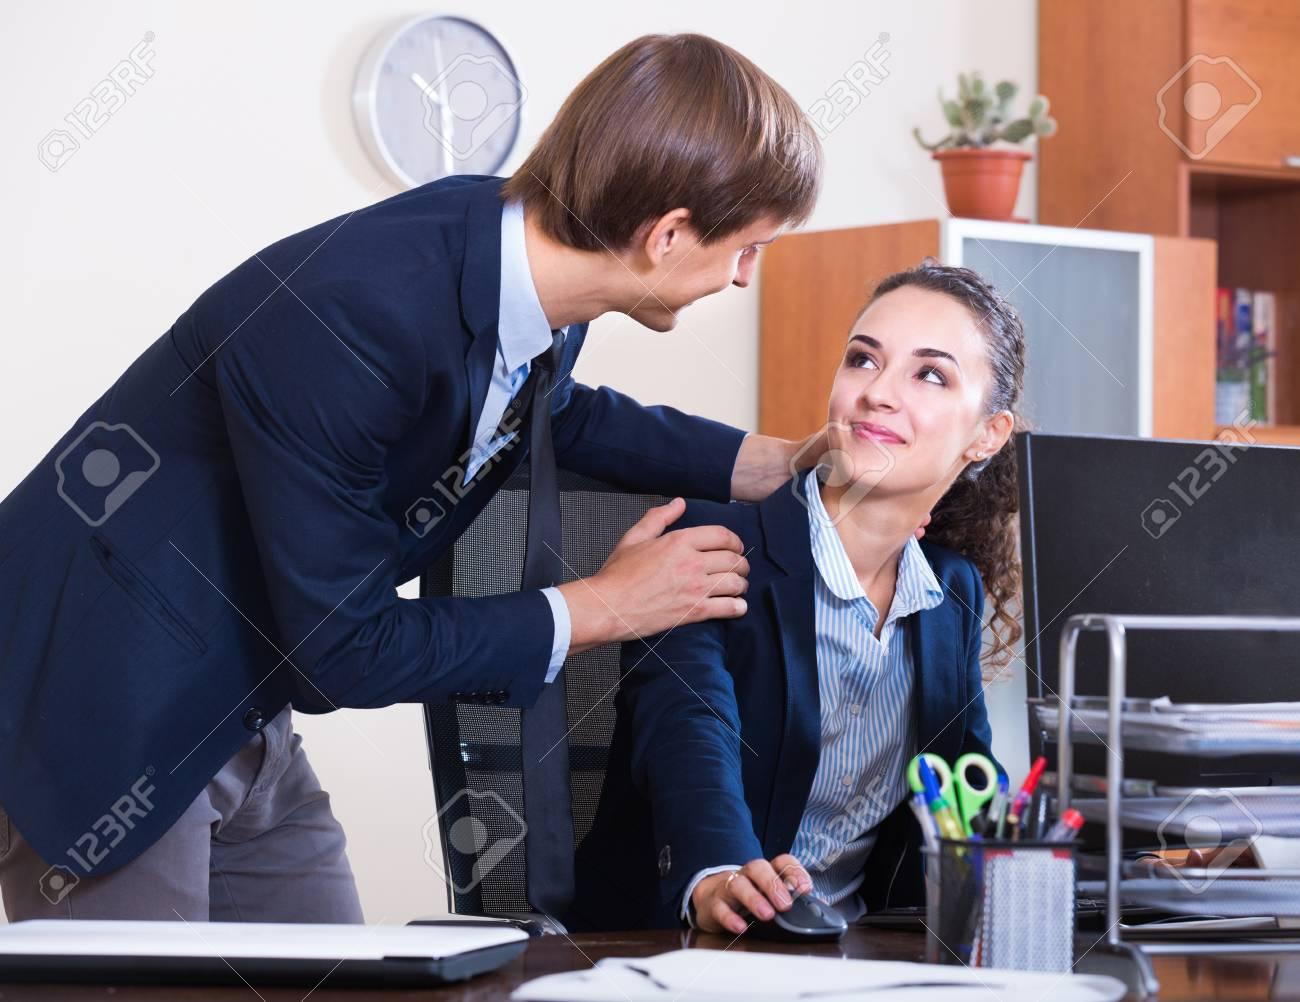 Wie Du die Frau von der Arbeit erobern kannst